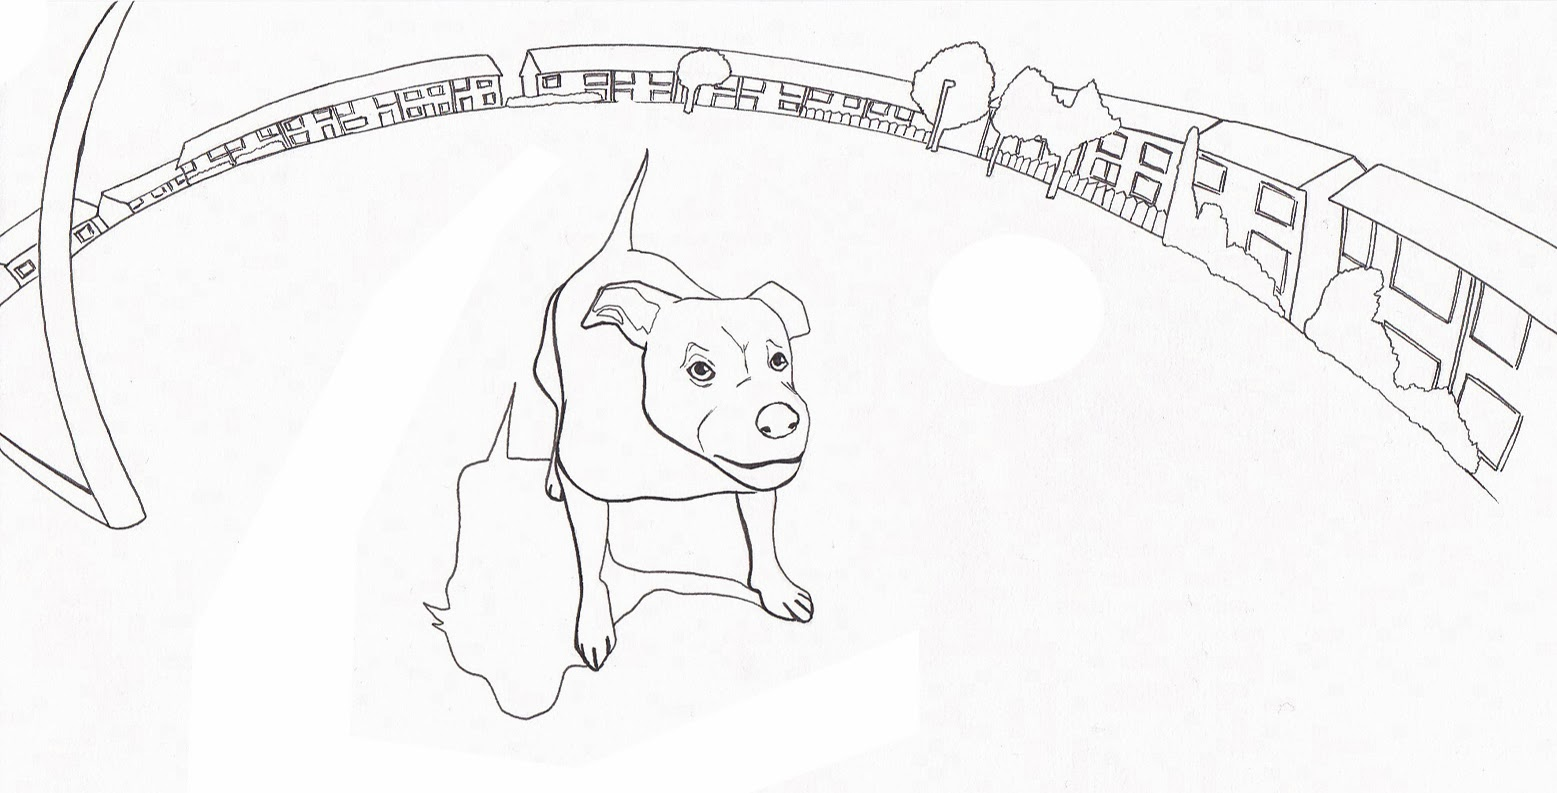 1557x793 Jak Gerrish Illustration Modules Advanced Drawing